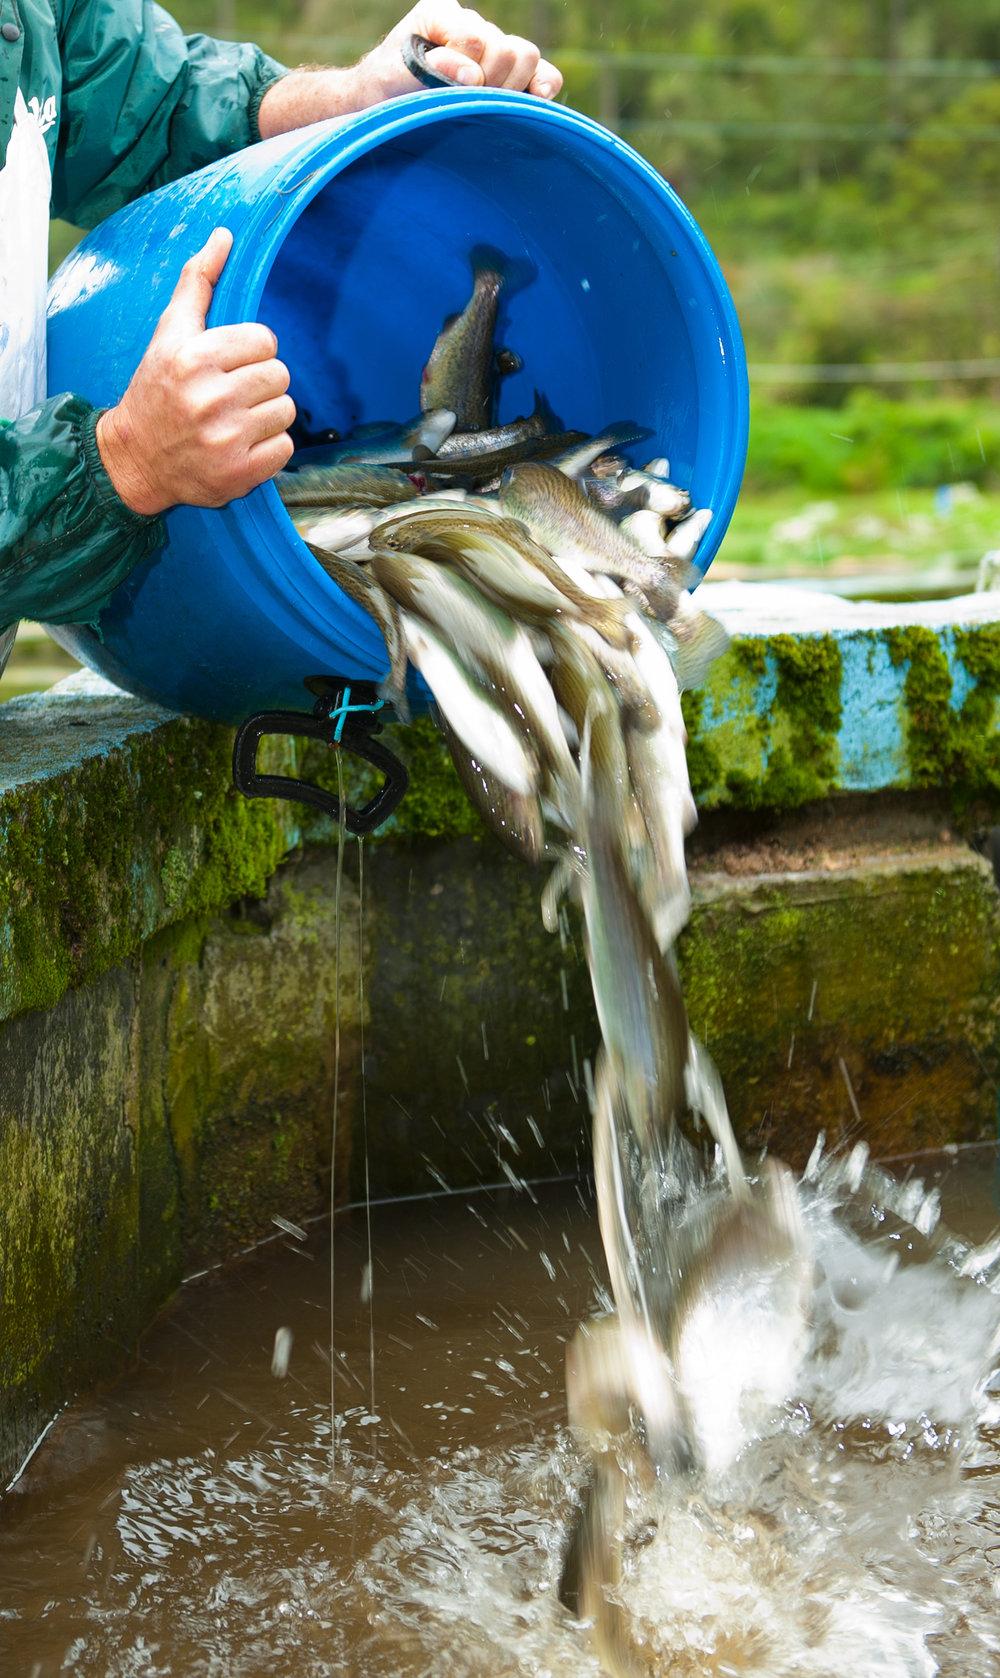 bait-buckets-algae-growth.jpg